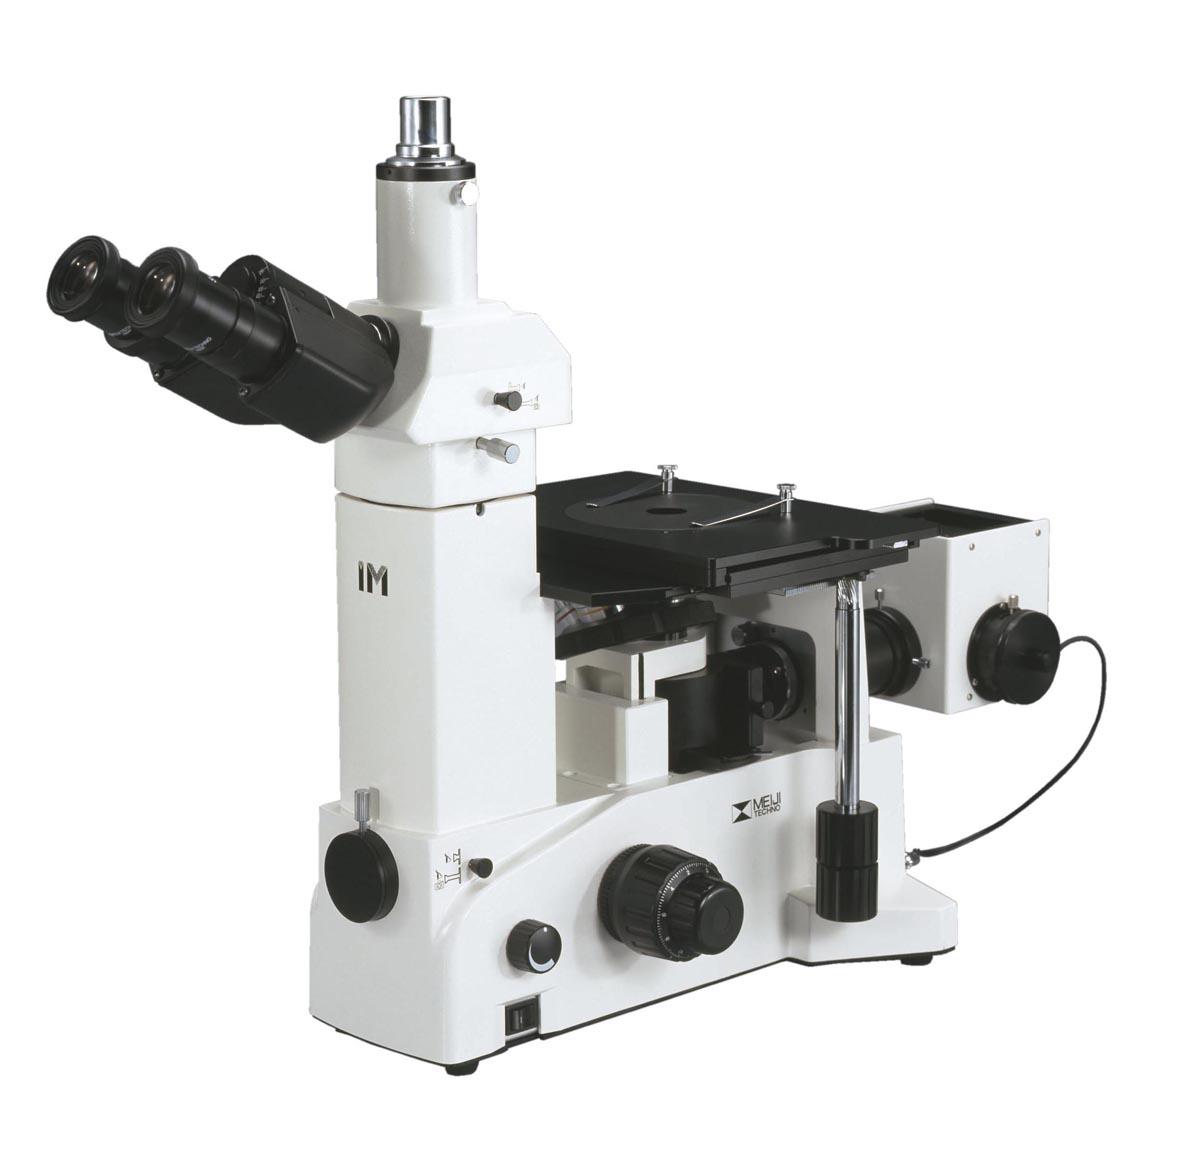 メイジテクノ メイジテクノ倒立金属顕微鏡 IM7200